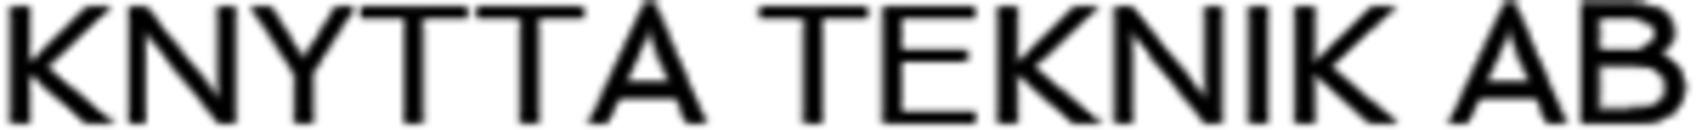 Knytta Teknik AB logo